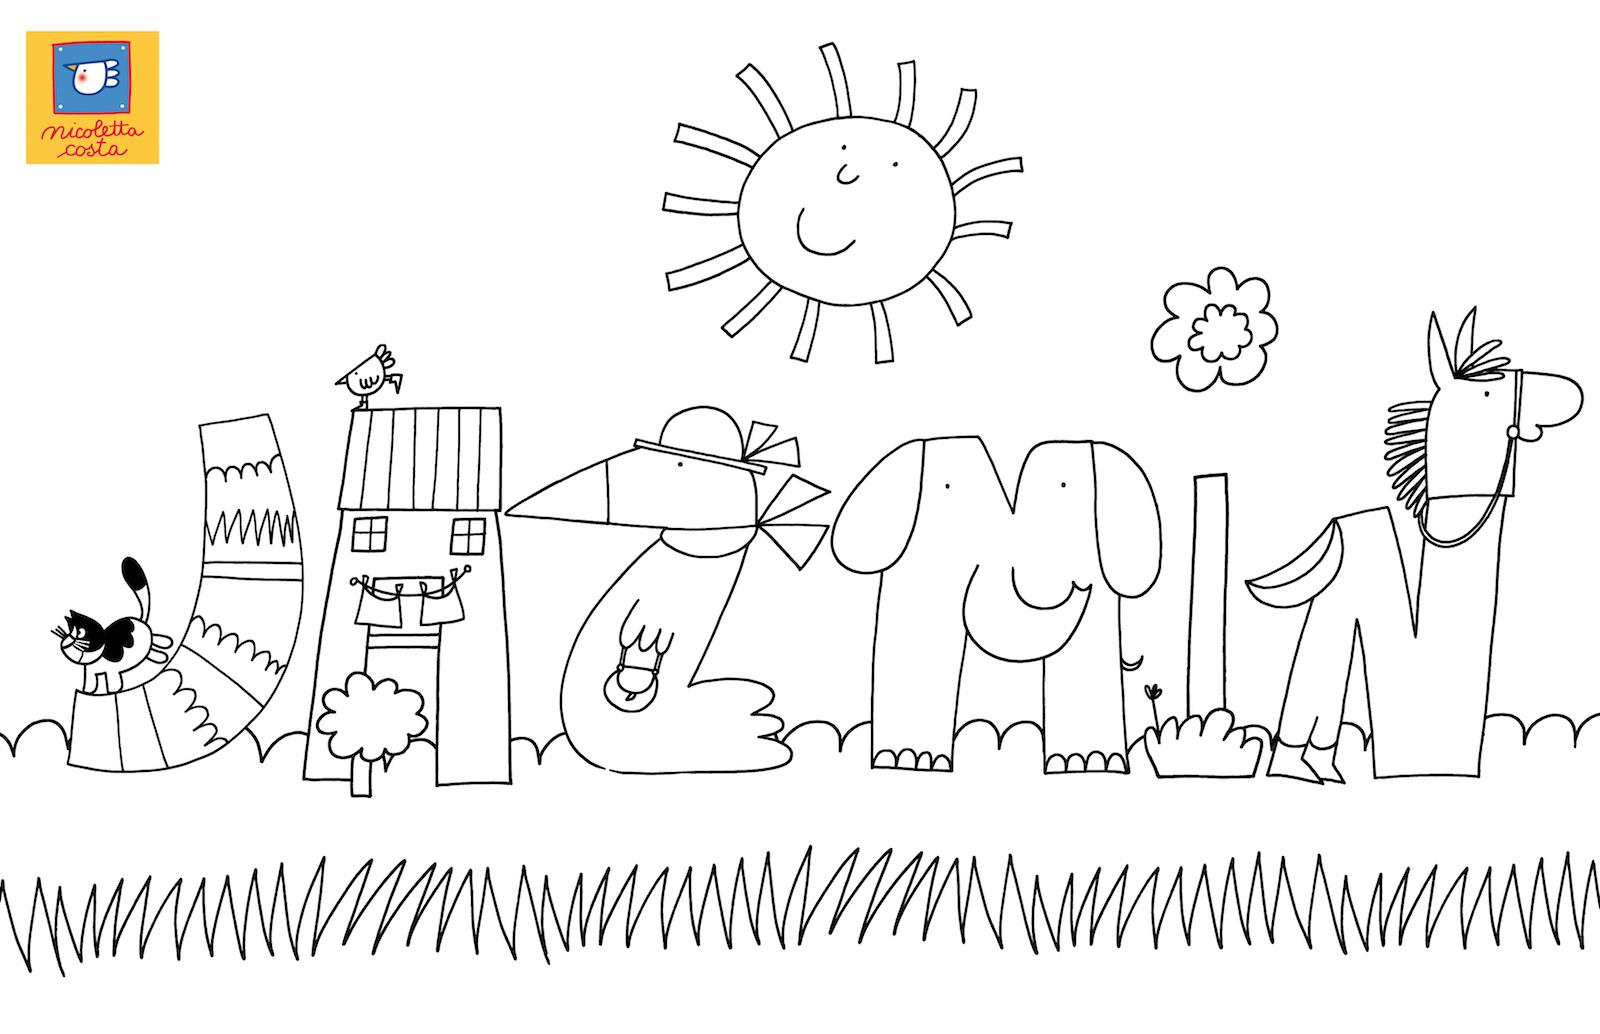 Lettere Alfabeto Da Copiare lettere alfabeto per bambini da colorare – ardusat